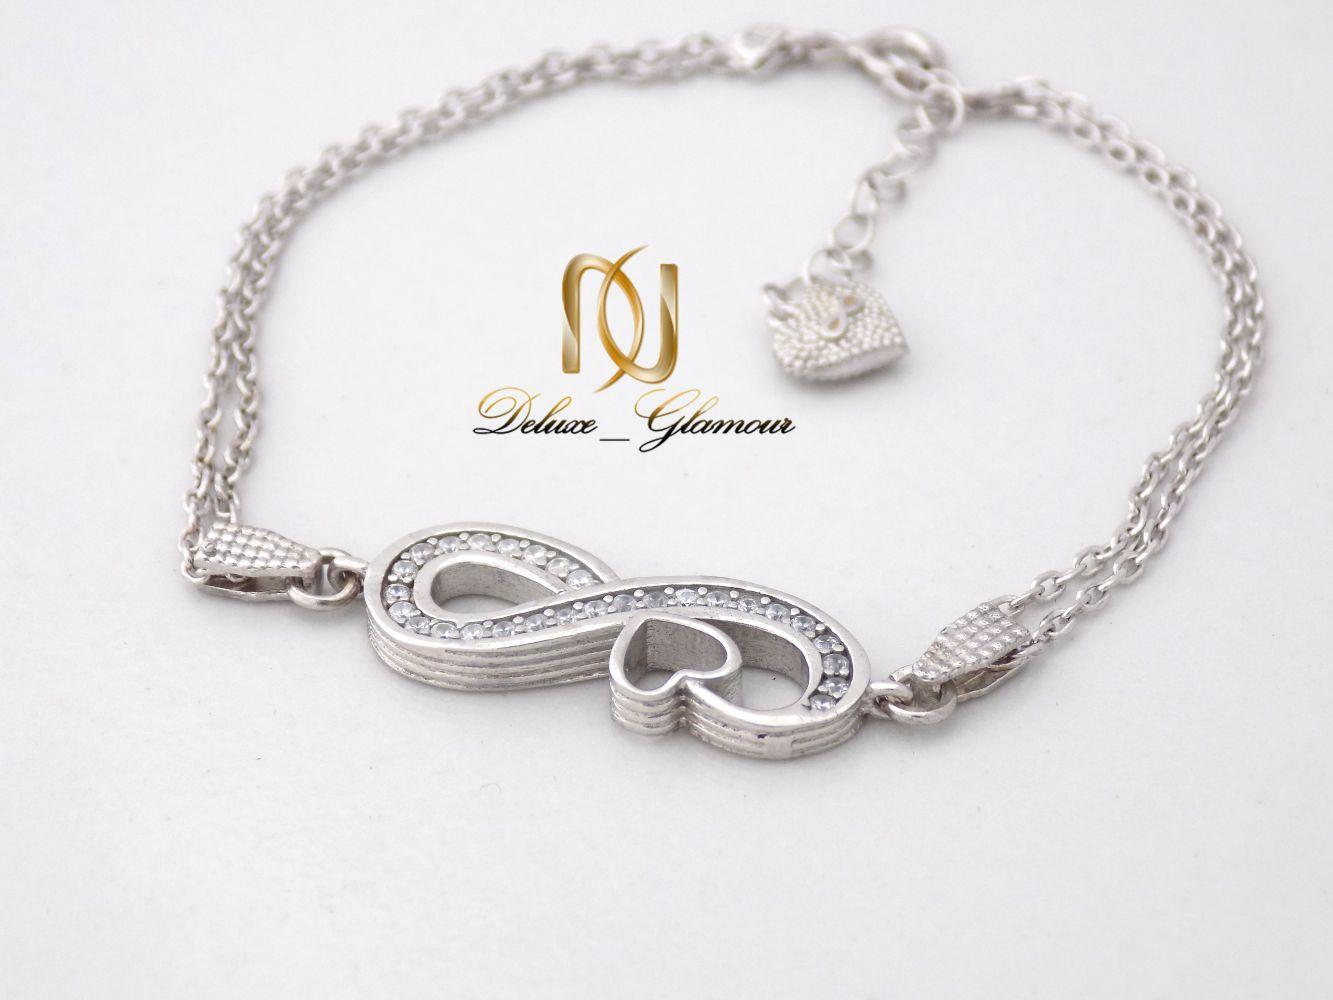 دستبند دخترانه نقره طرح بی نهایت و قلب با نگین برلیان ds-n240 از نمای نزدیک